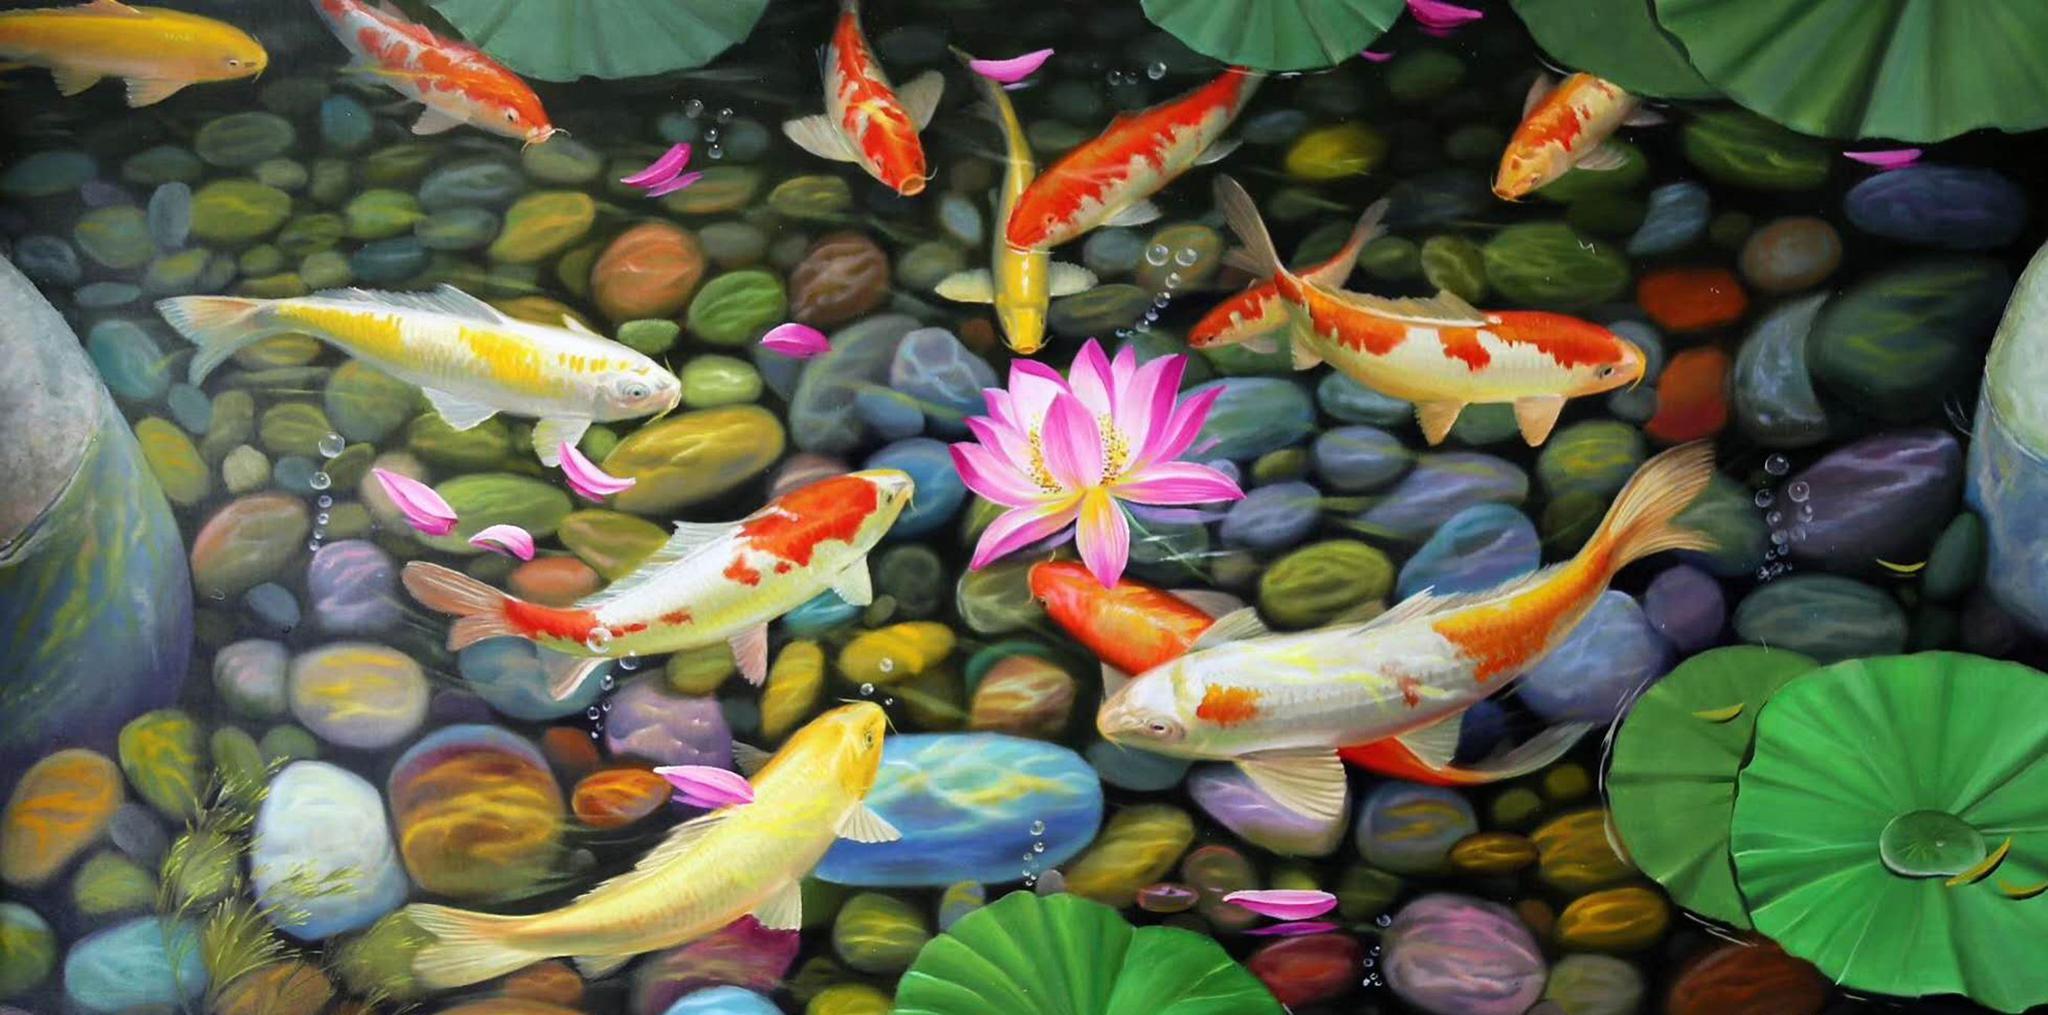 油画花鸟:一组锦鲤荷花图,请欣赏